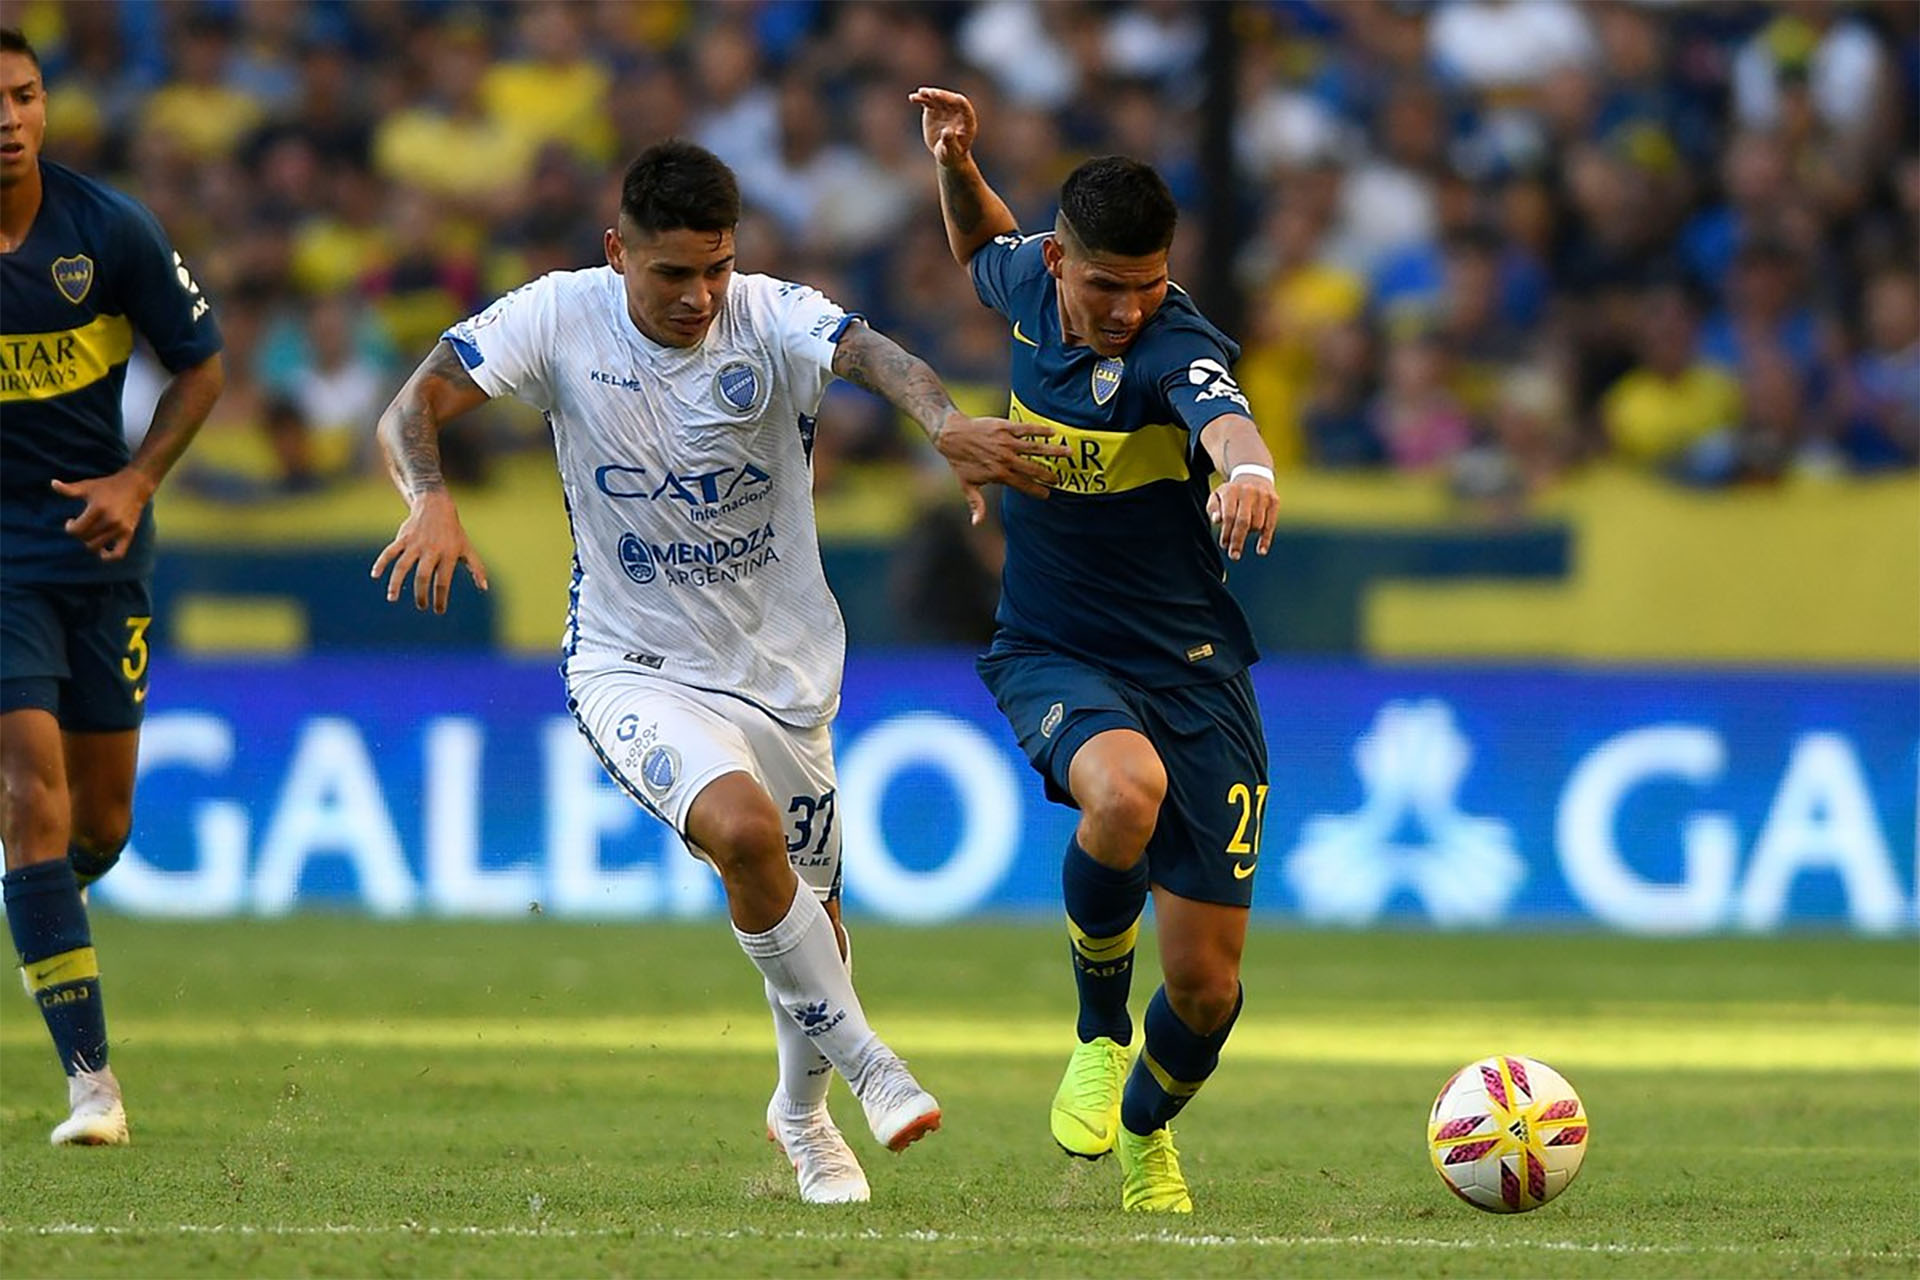 Campuzano maneja la pelota en el partido de Boca ante Godoy Cruz (Boca oficial)